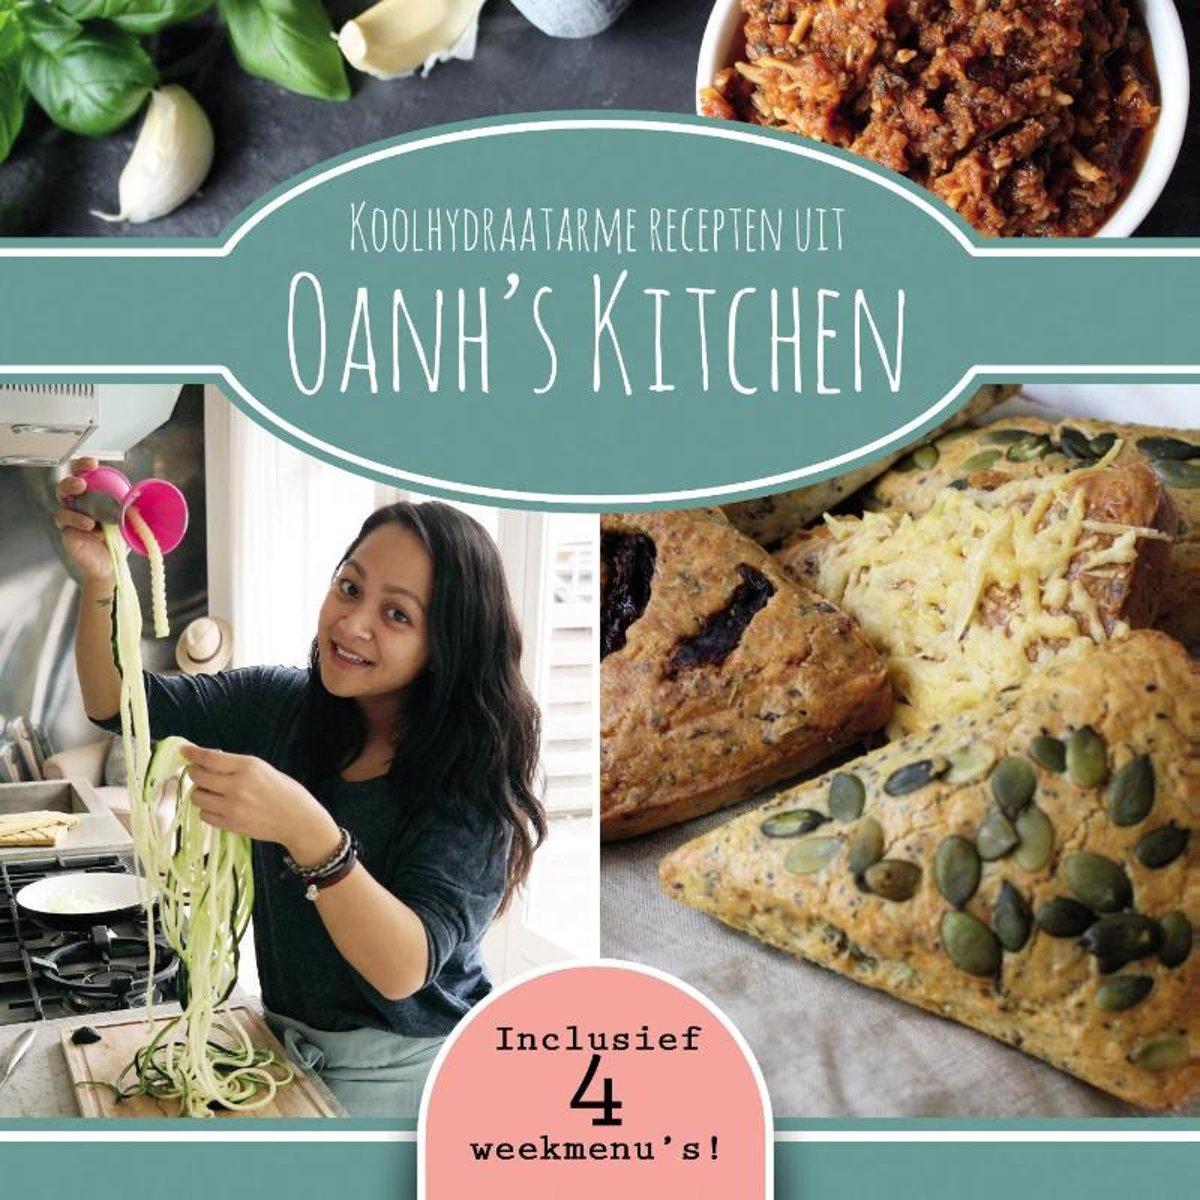 Koolhydraatarme Recepten uit Oanh's Kitchen - De Leesclub van Alles